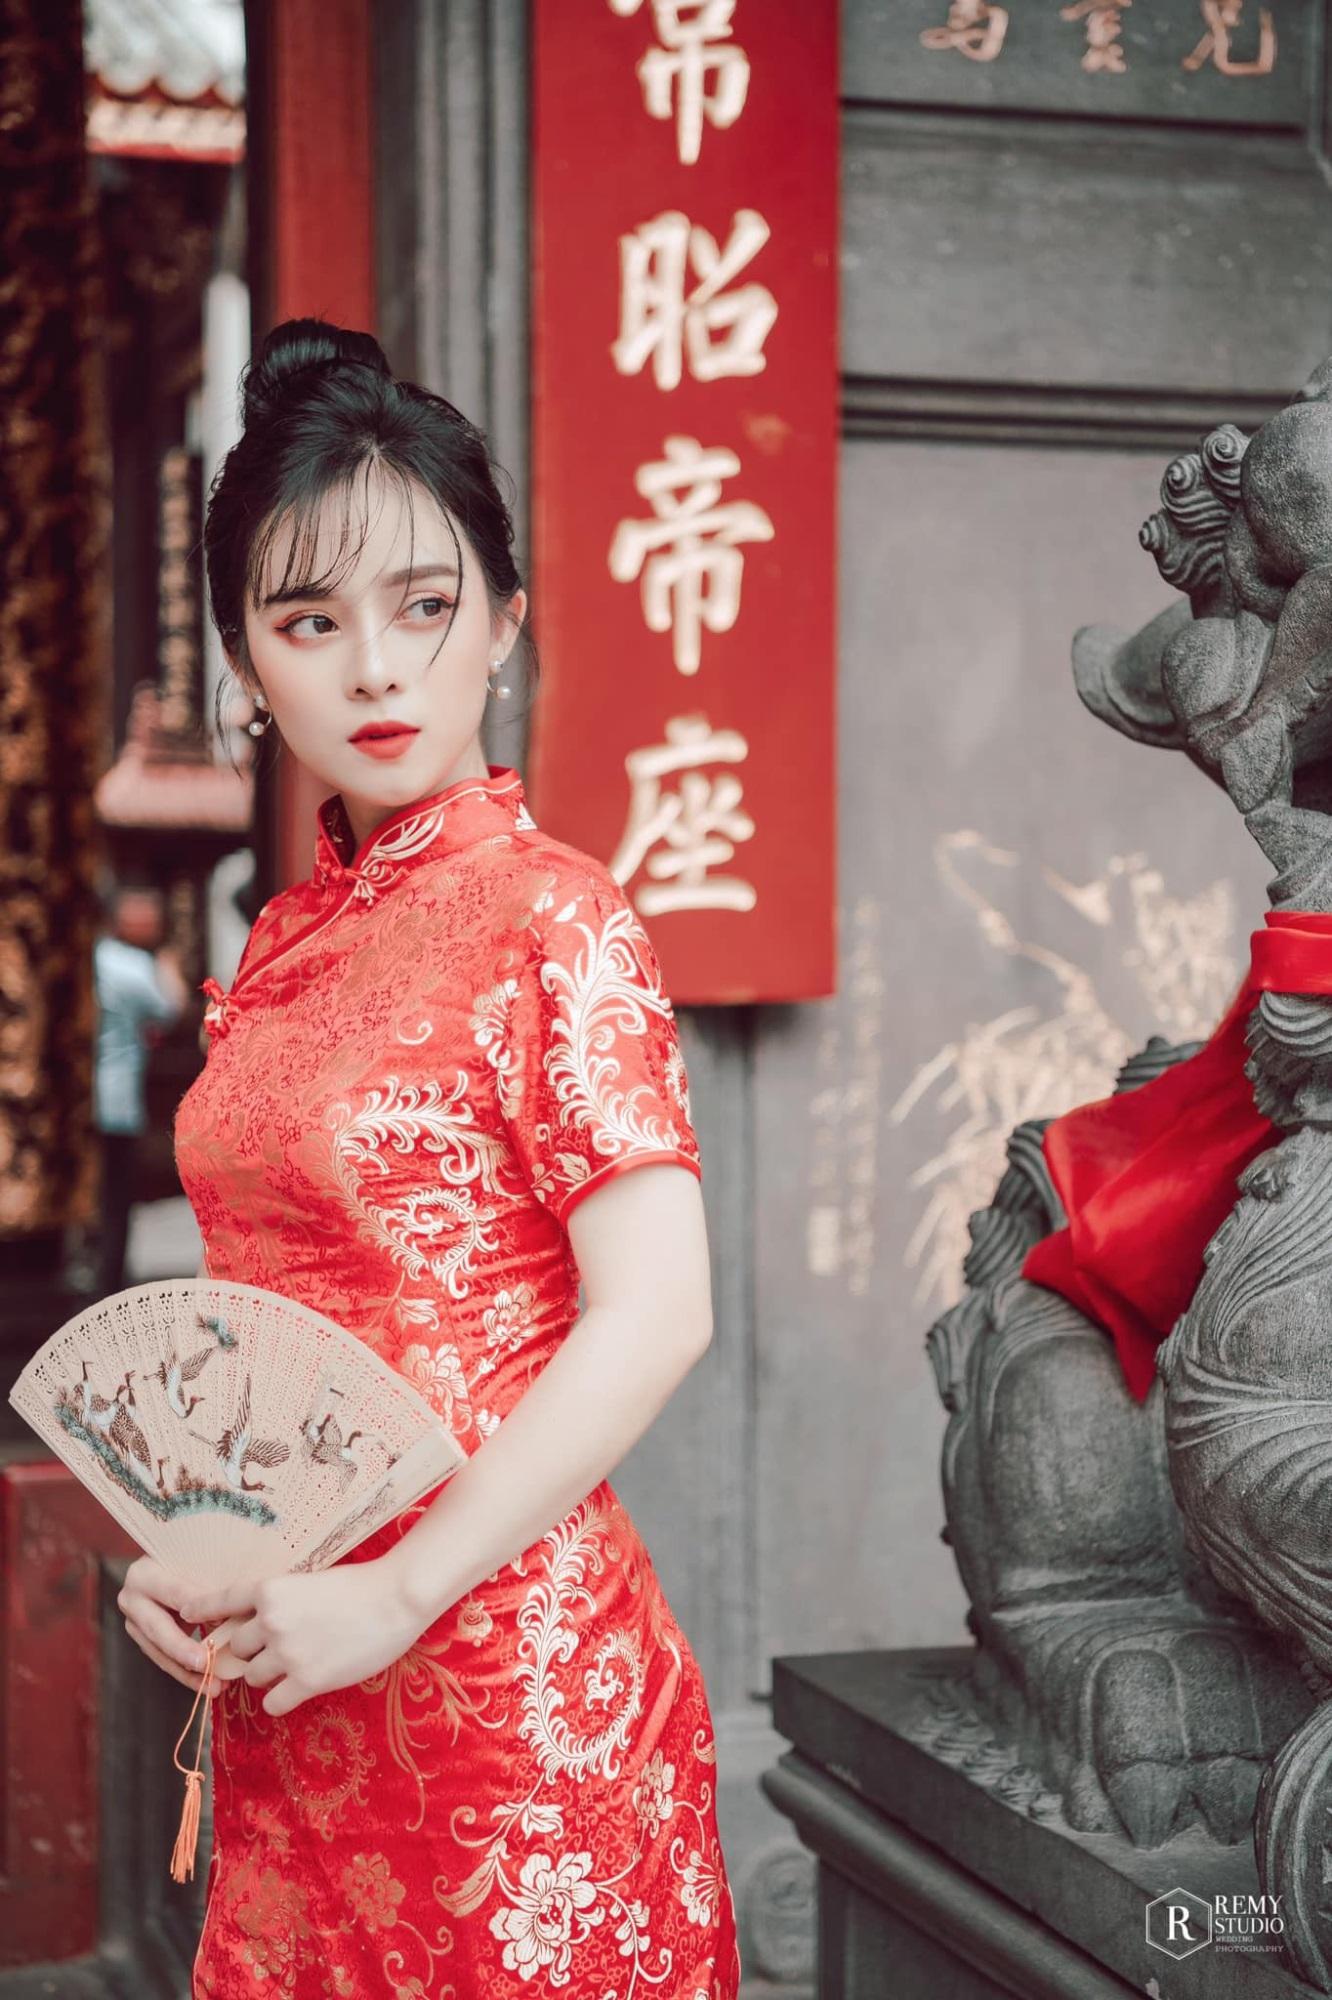 Bị nhầm là hot girl Trung Quốc, nữ MC Tây Ninh được 'săn đón' mọi ngả đường - Ảnh 7